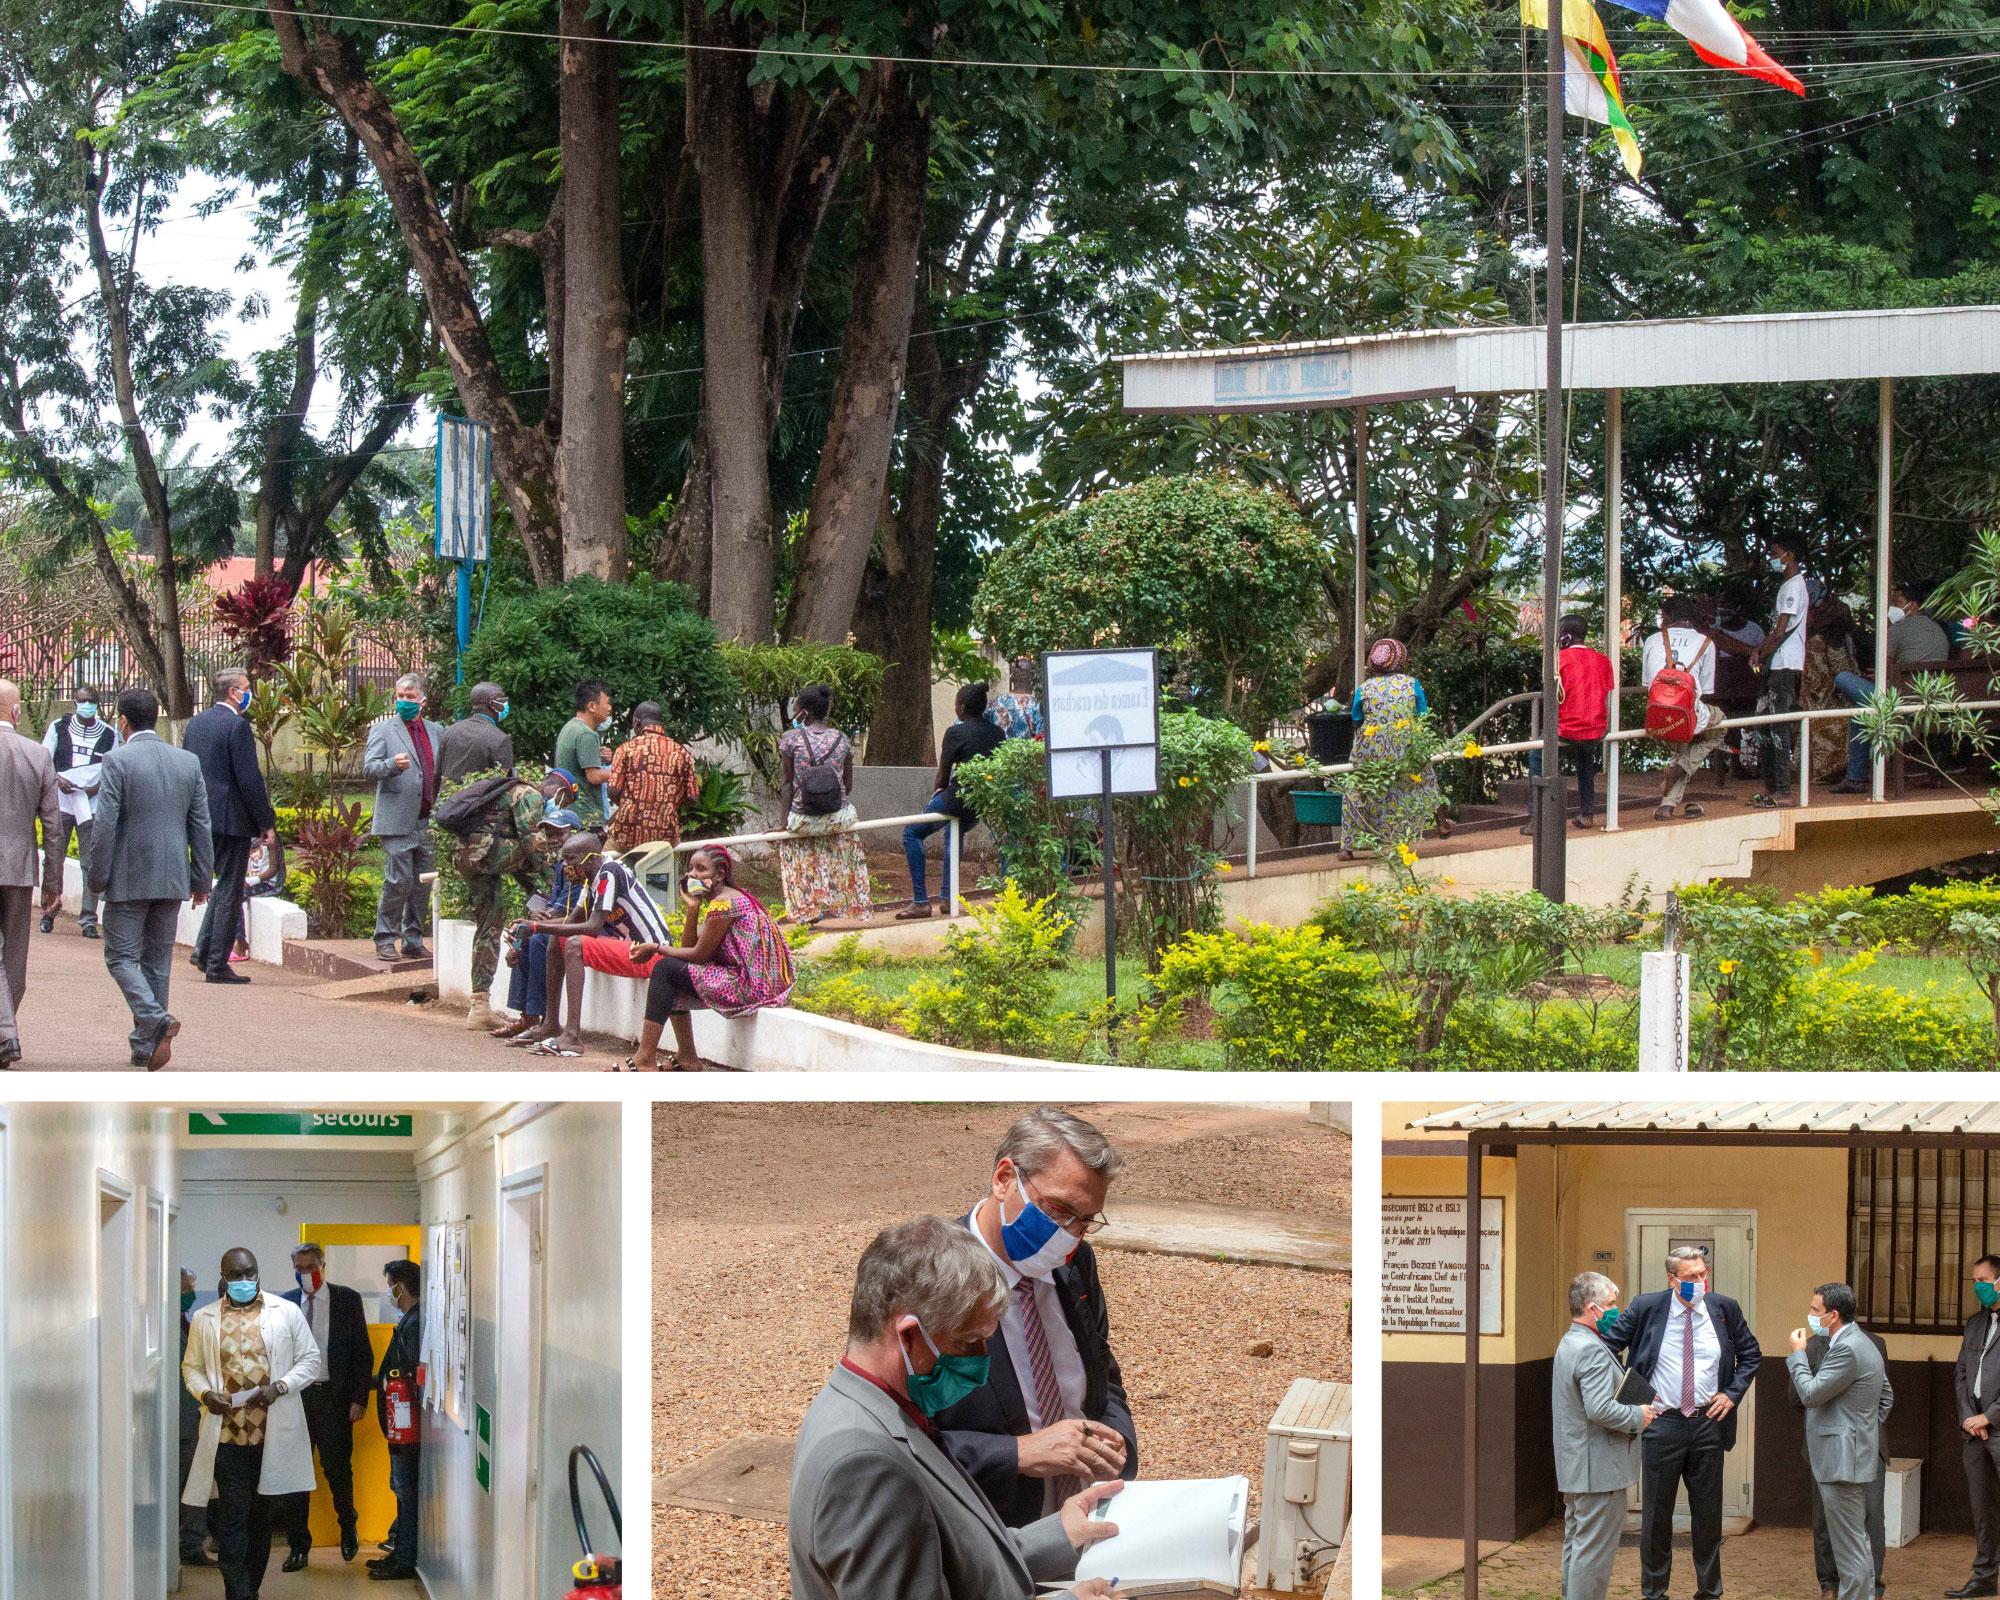 L'Ambassadeur, haut représentant de la République française auprès de la République centrafricaine, Jean-Marc GROSGURIN visite l'Institut Pasteur de Bangui à la suite de sa nomination le 05 septembre 2020, accompagné du Chef du Service de Coopération et d'Actions Culturelles de l'Ambassade, Louis ESTIENNE également nouvellement nommé.